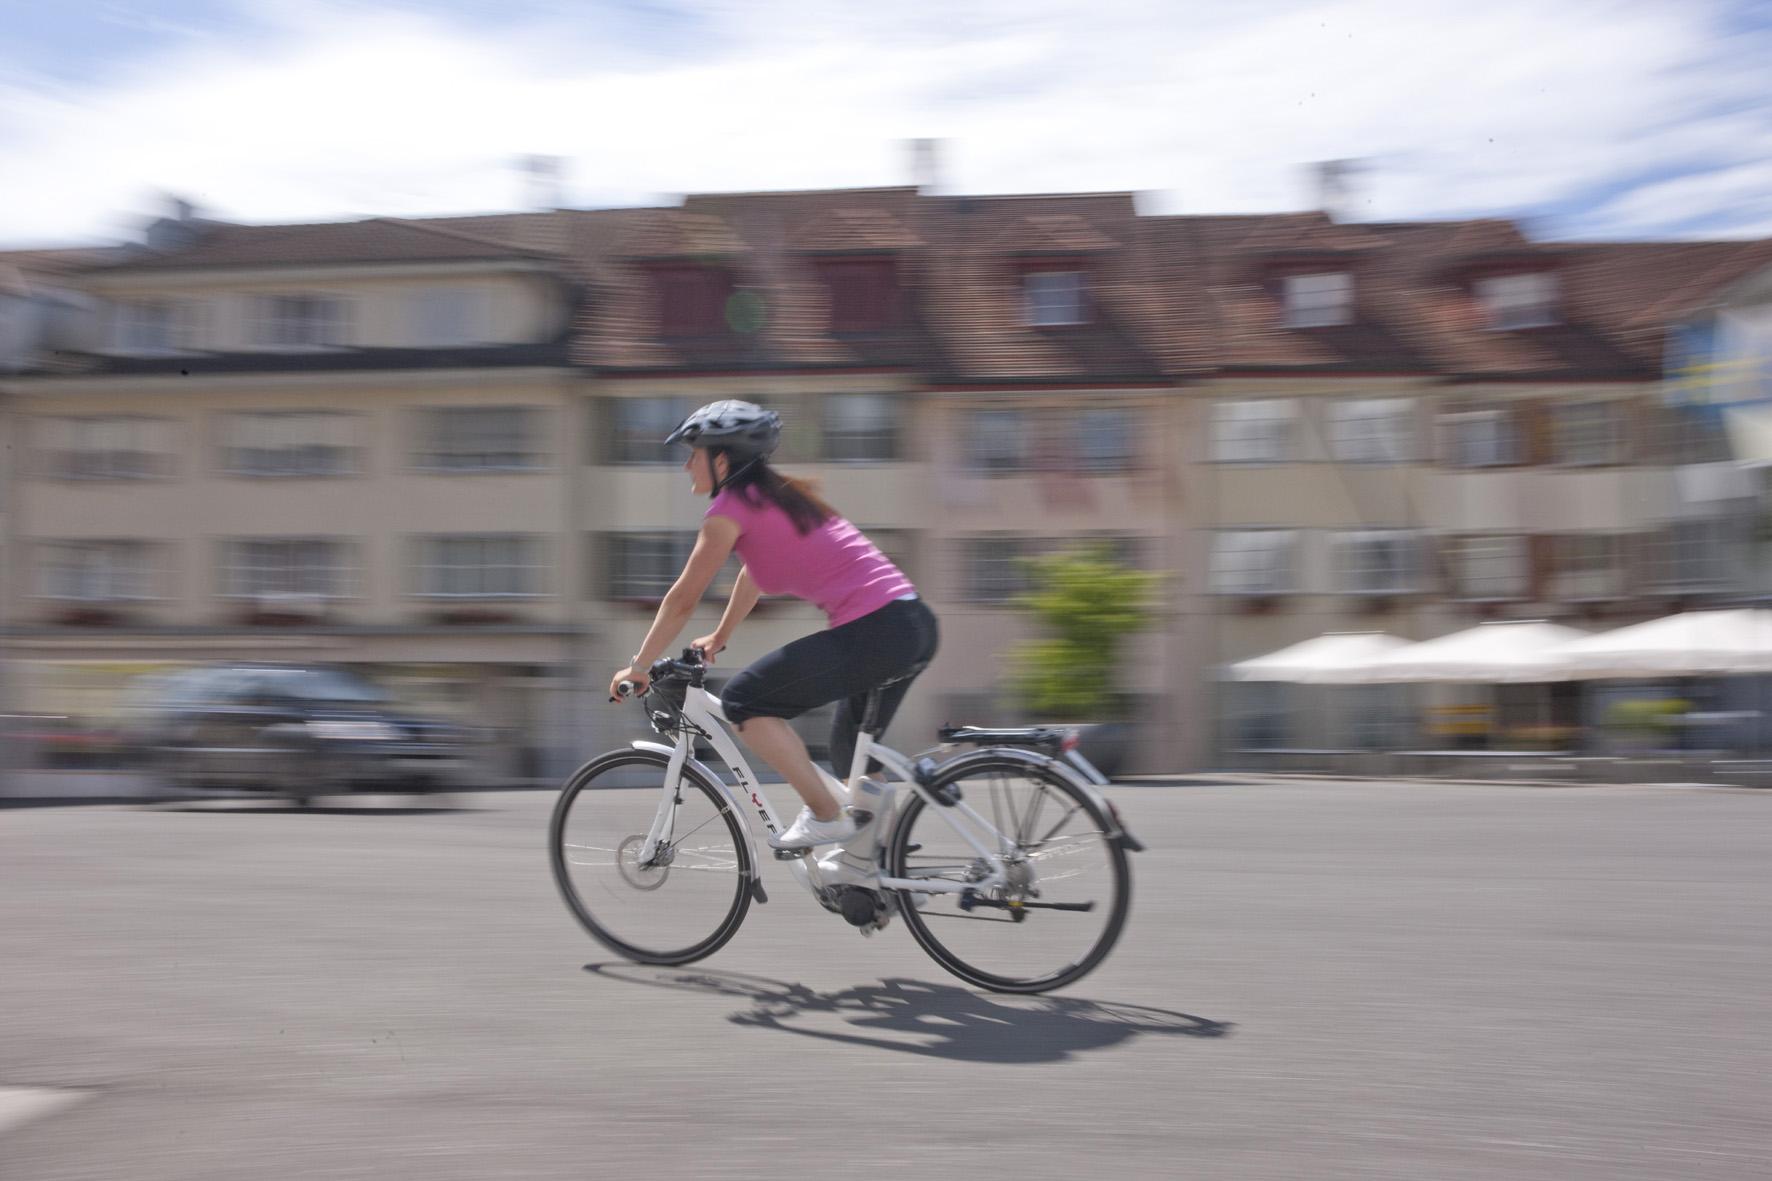 Autozulieferer: Allrounder der Mobilität